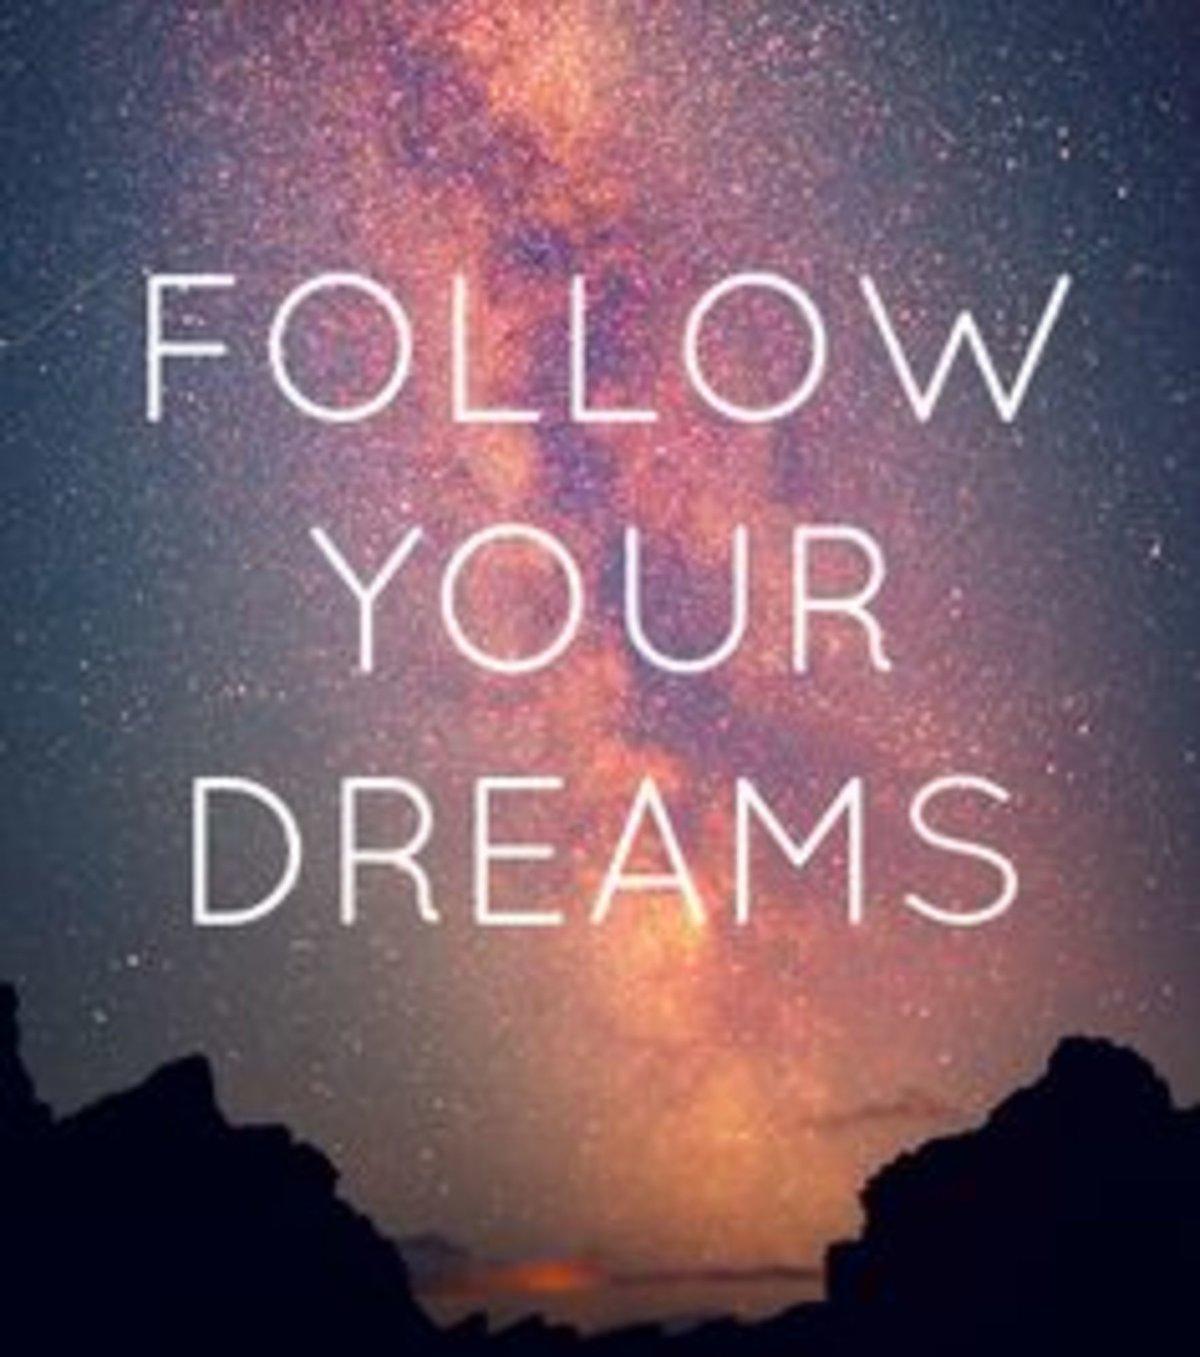 Цитаты на открытку на английском языке, картинка добрых снов